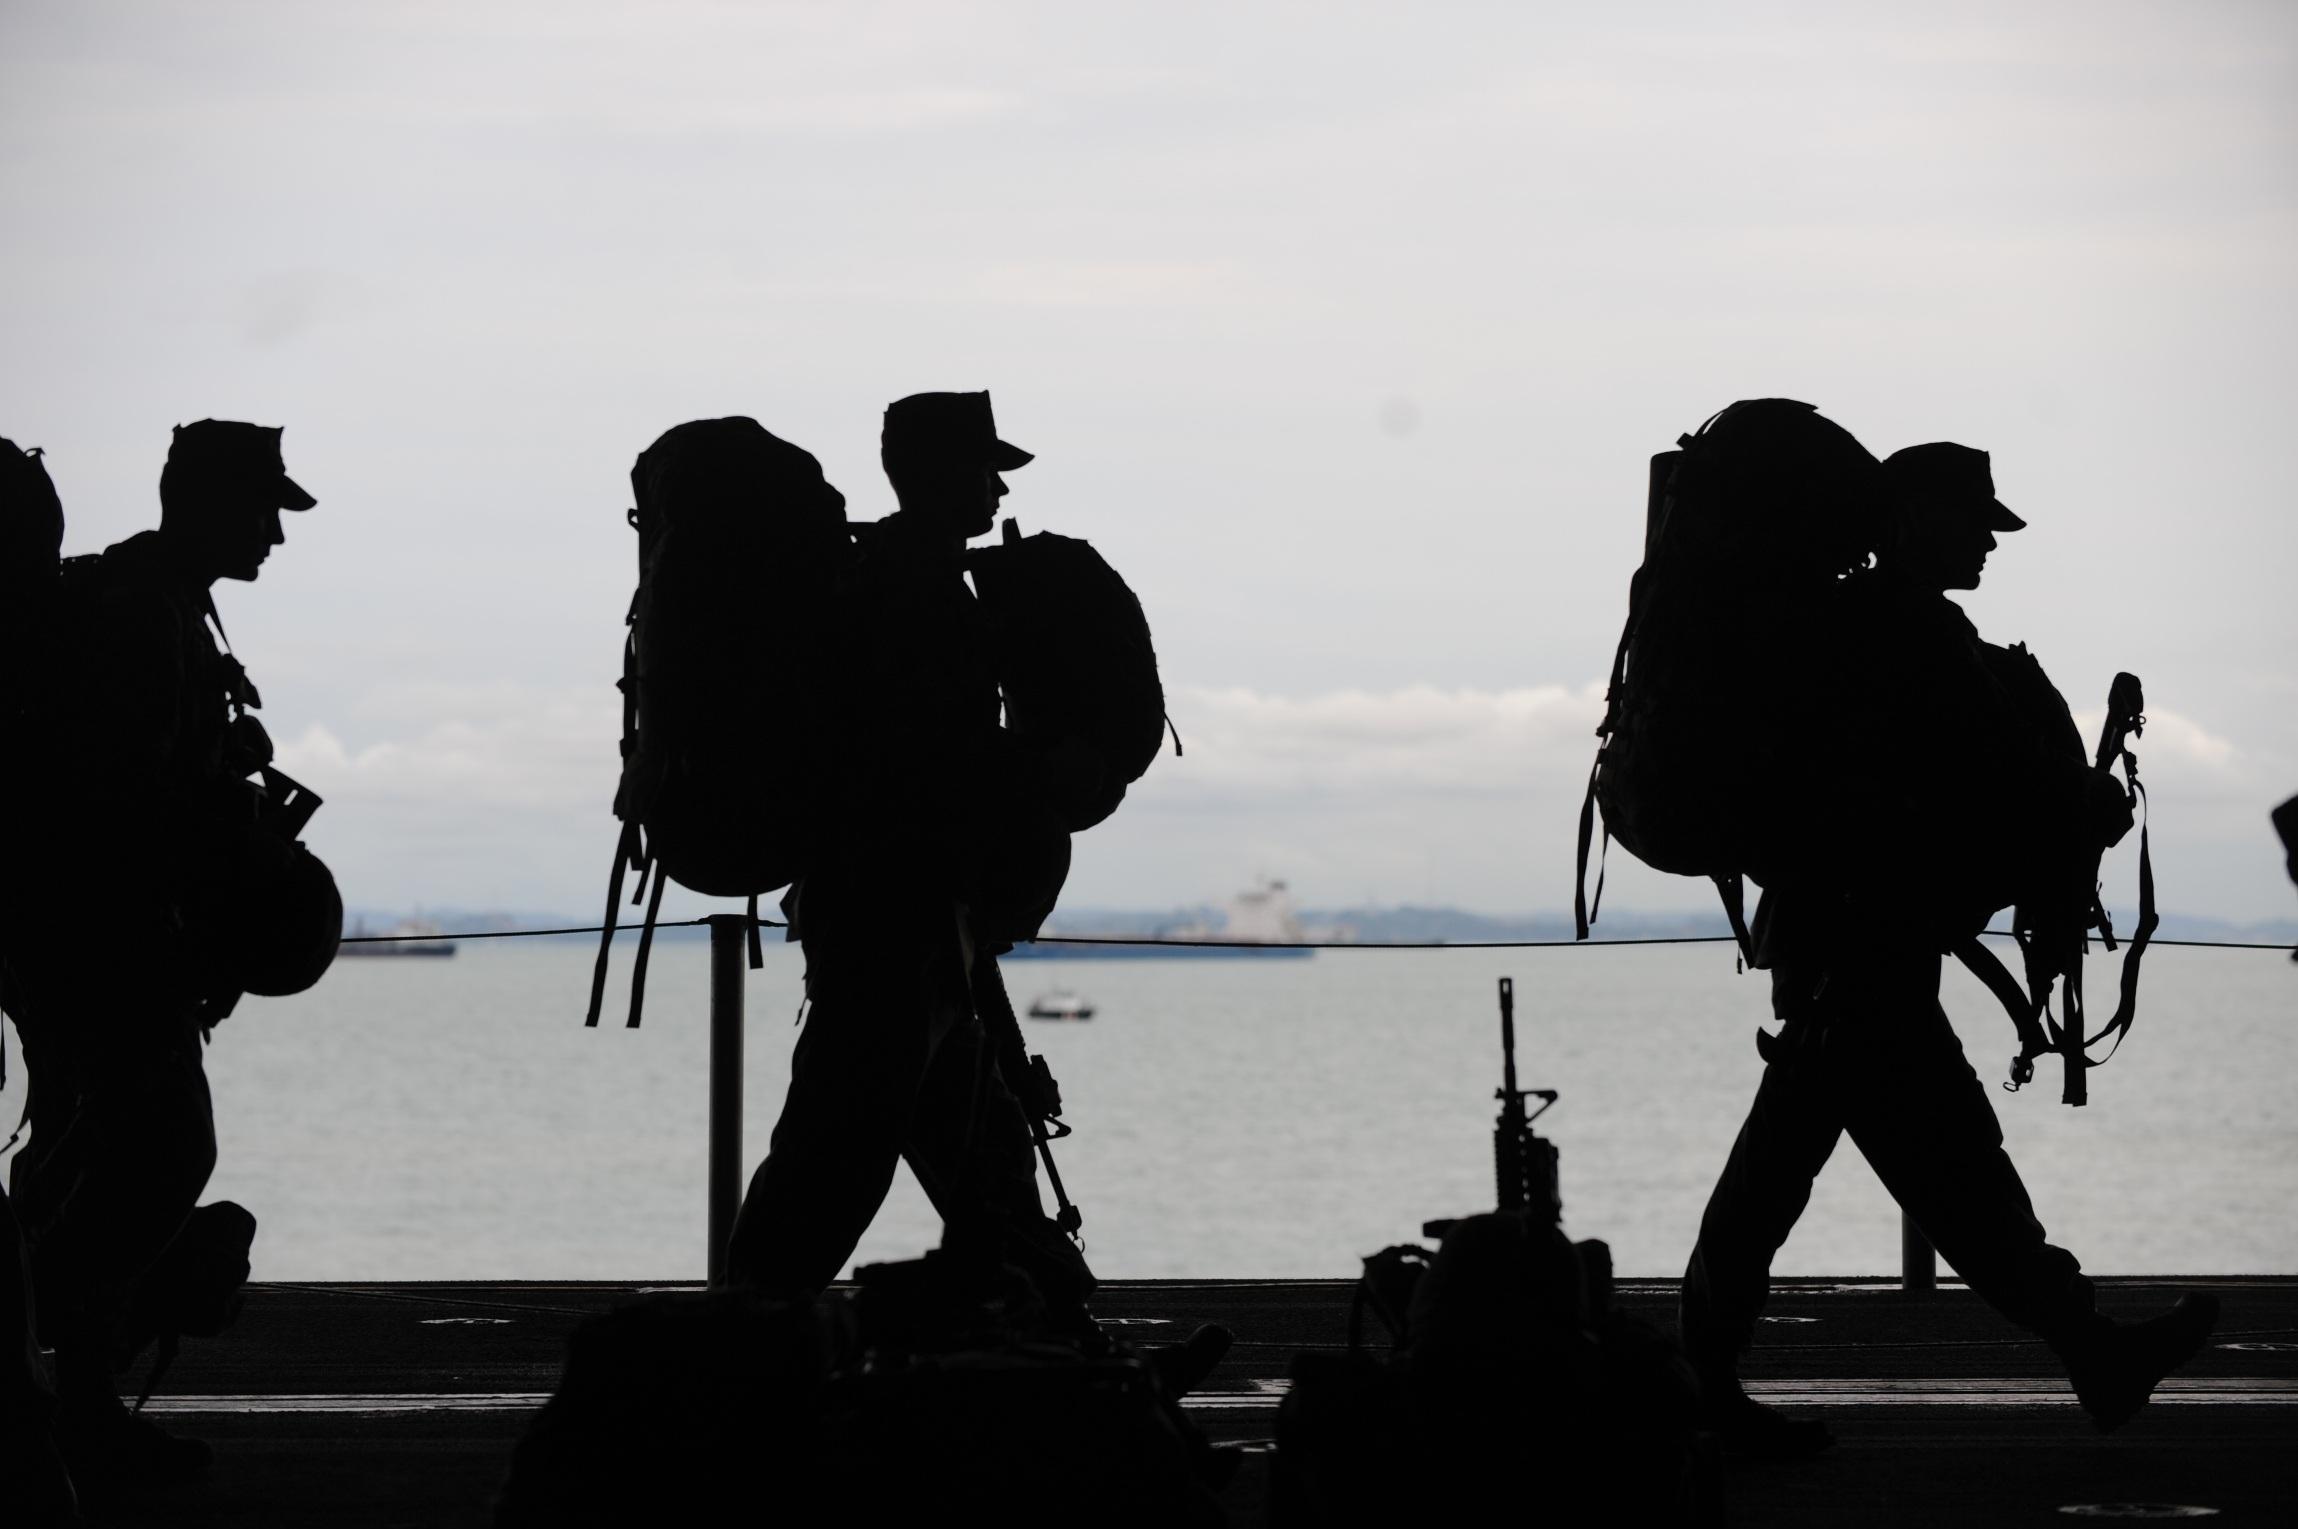 Vestigios de la Guerra Fría: Estados Unidos y Rusia. Ejemplificación en el Báltico